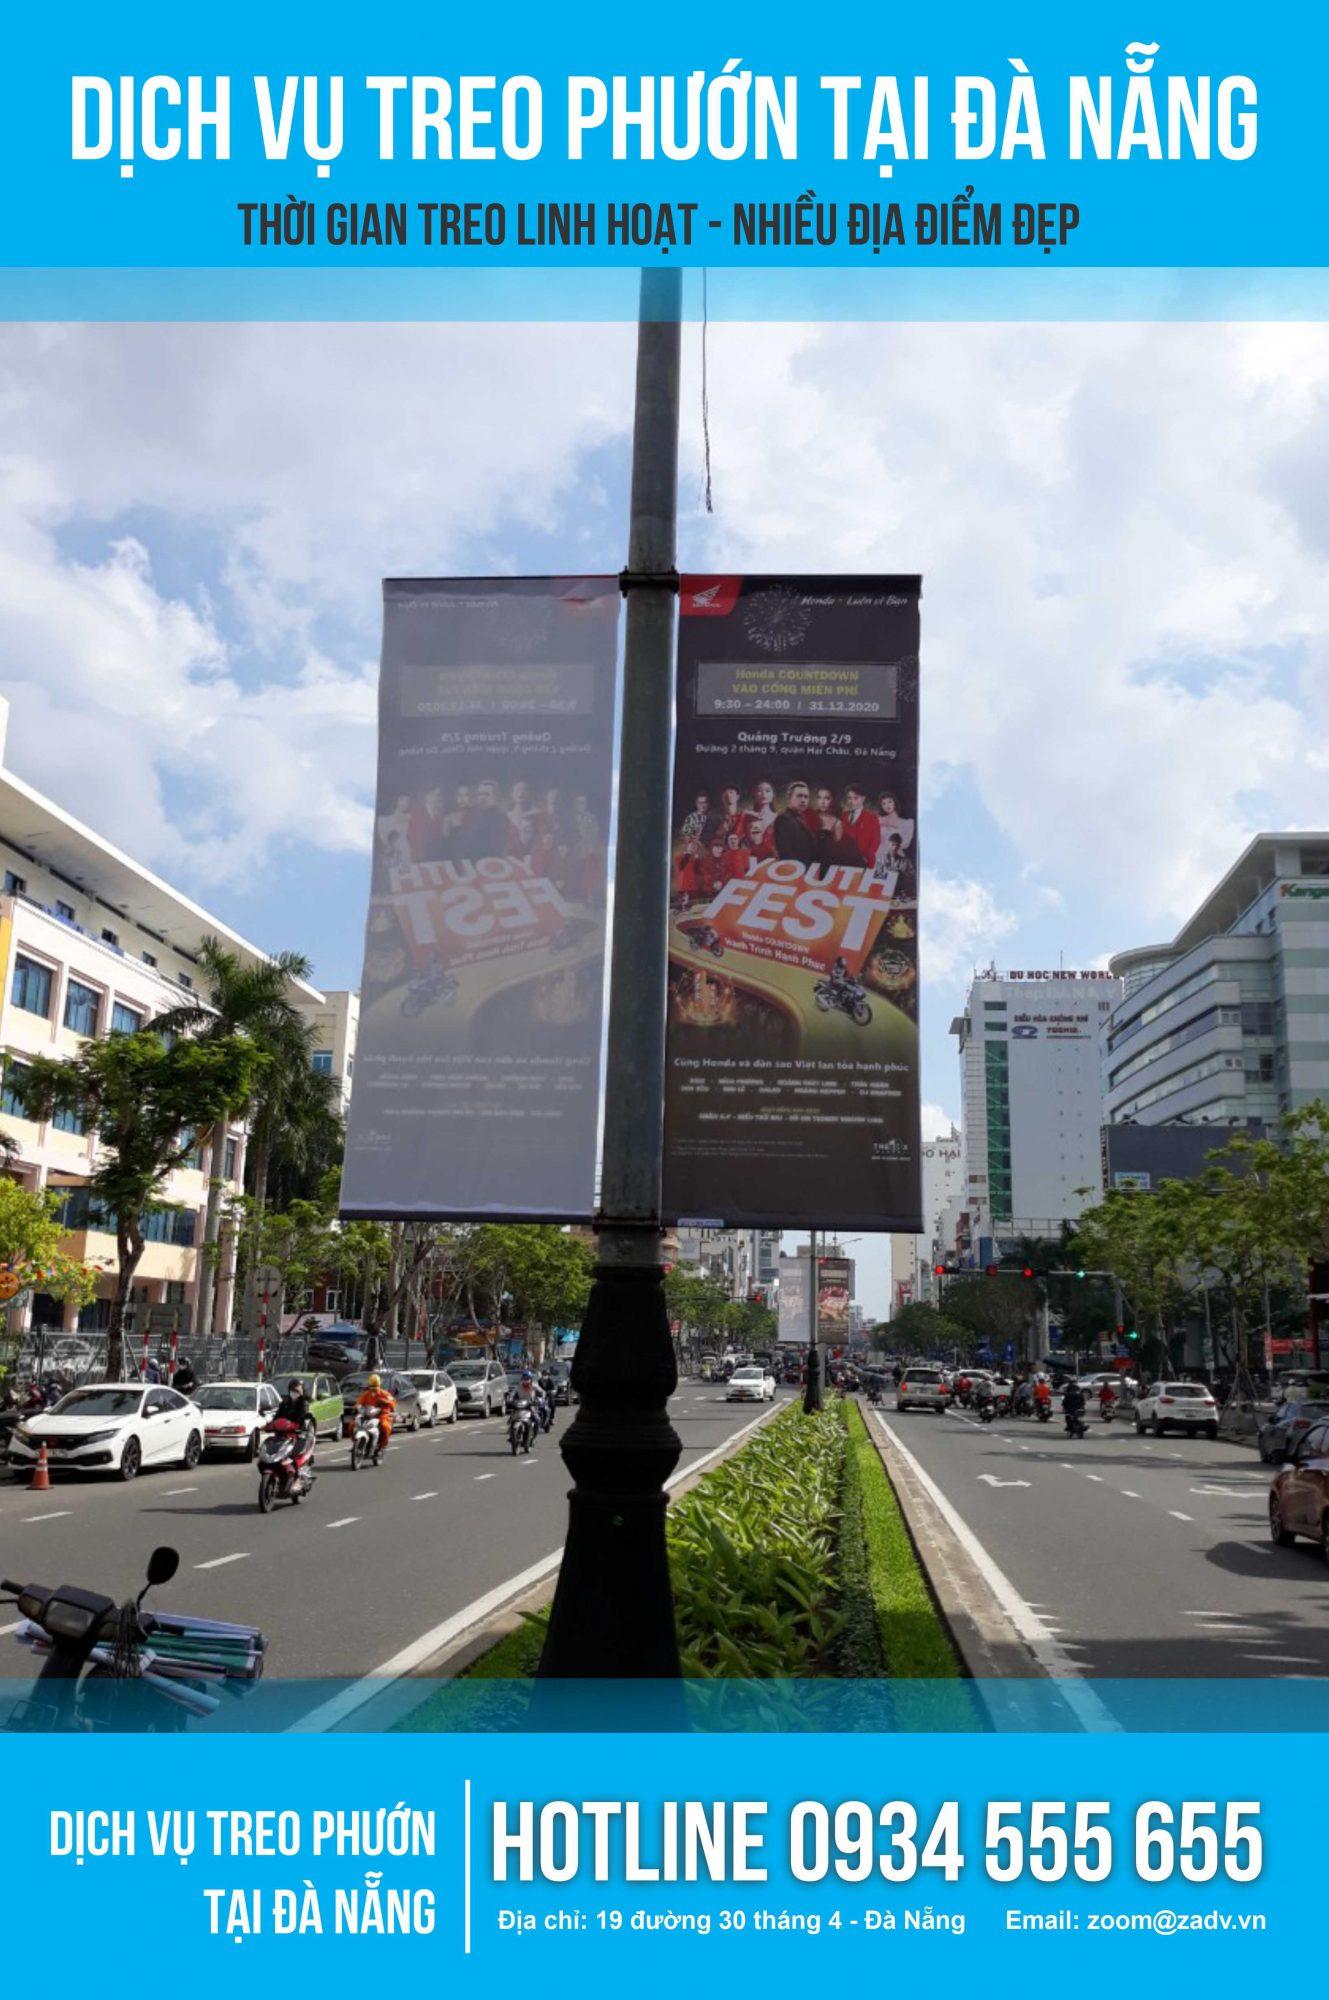 Treo phướn quảng cáo ở Đà Nẵng